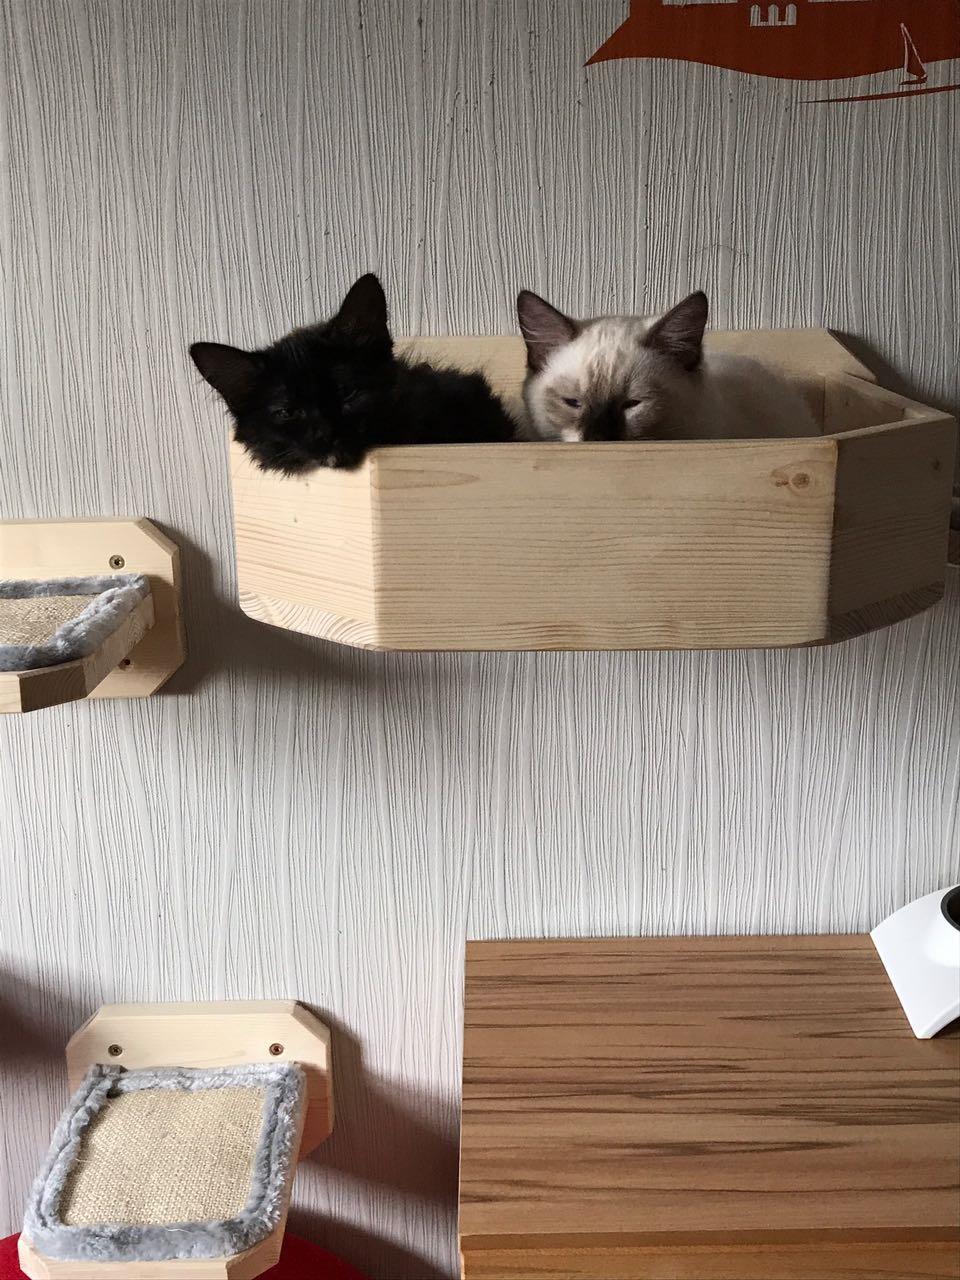 wandhalterung wandkratzbaum stabiler kratzbaum liegebettchen f r katzen. Black Bedroom Furniture Sets. Home Design Ideas